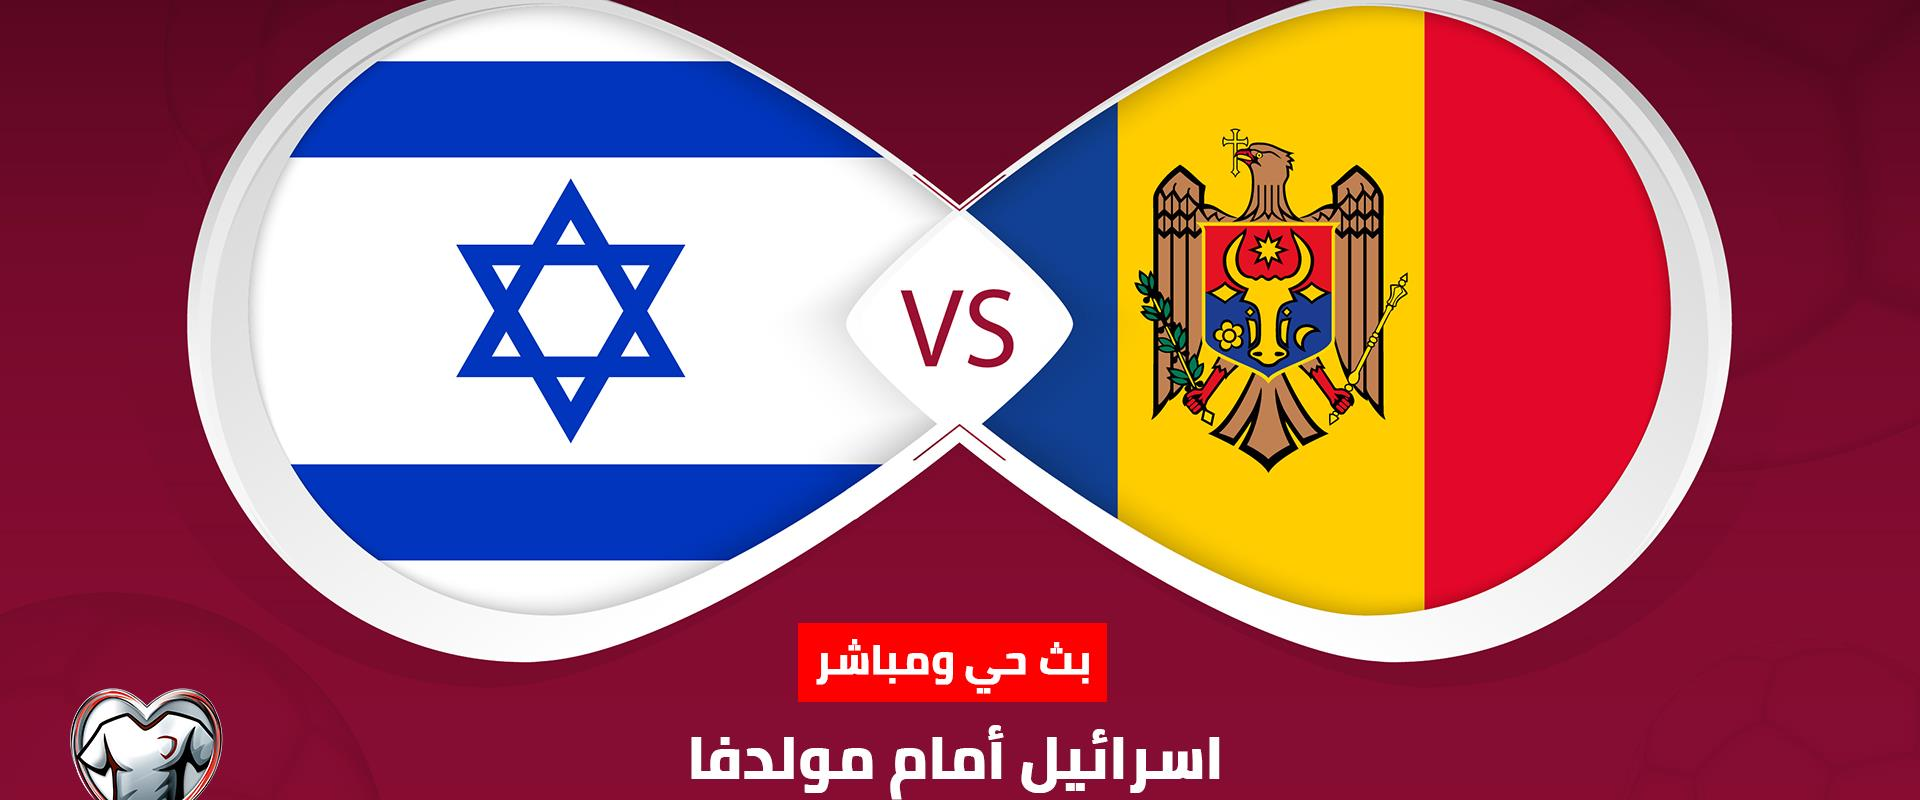 منتخب اسرائيل في كرة القدم